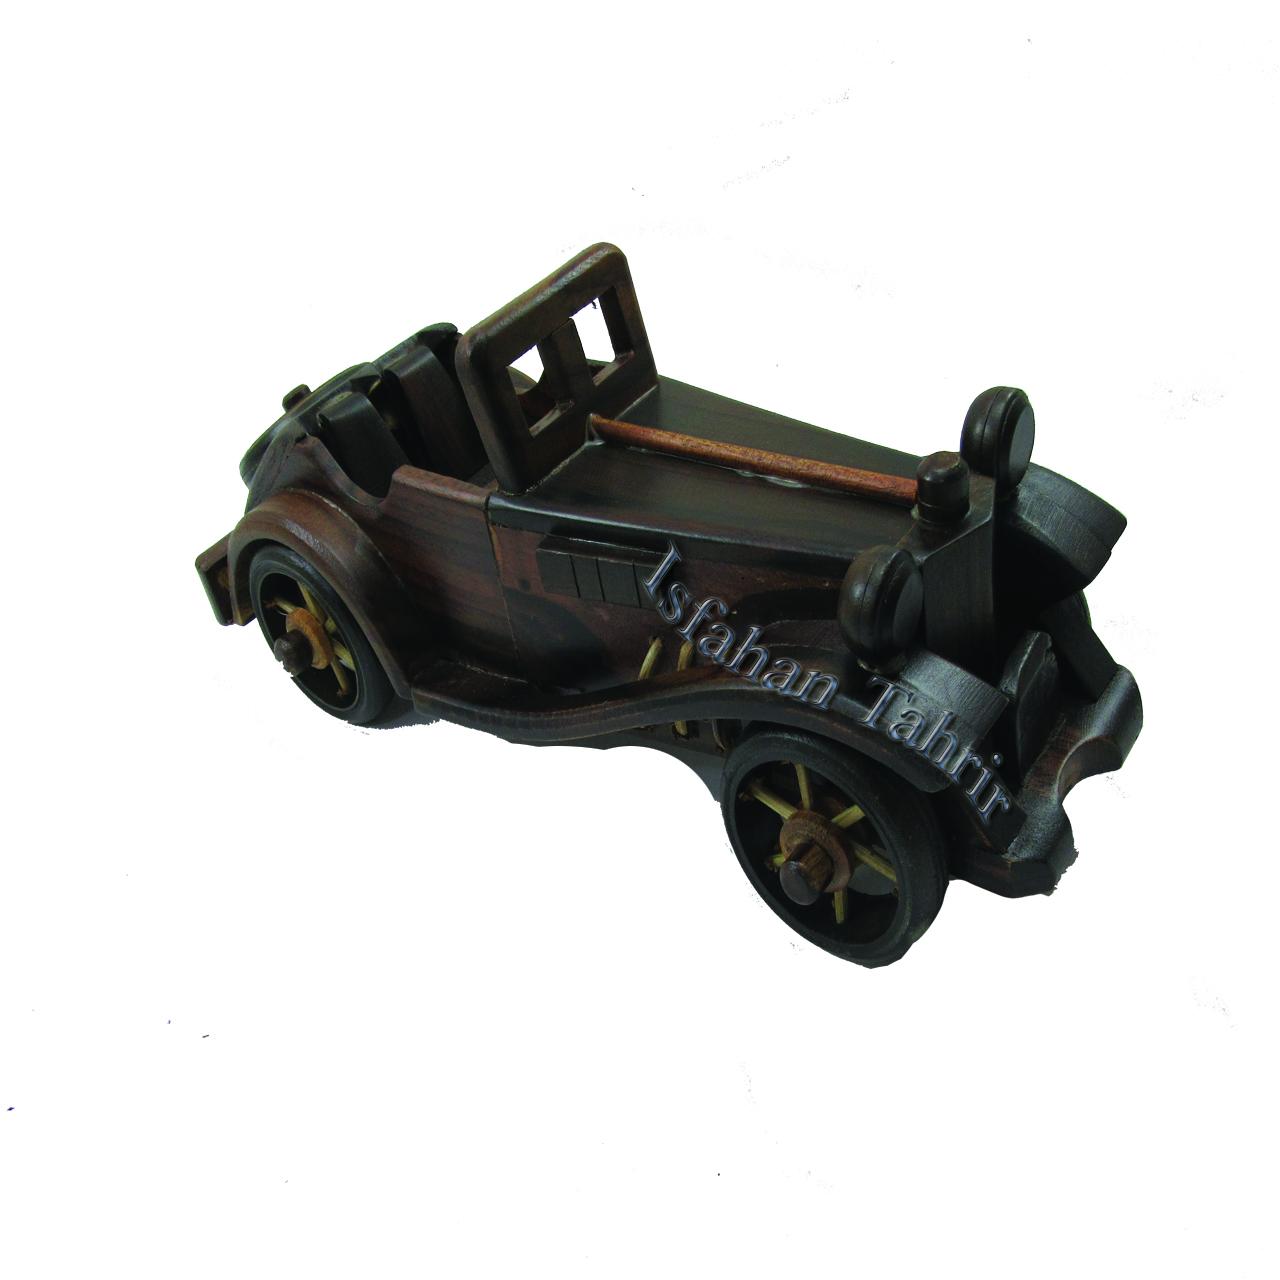 ماشین مرسدس بنز کروک چوبی